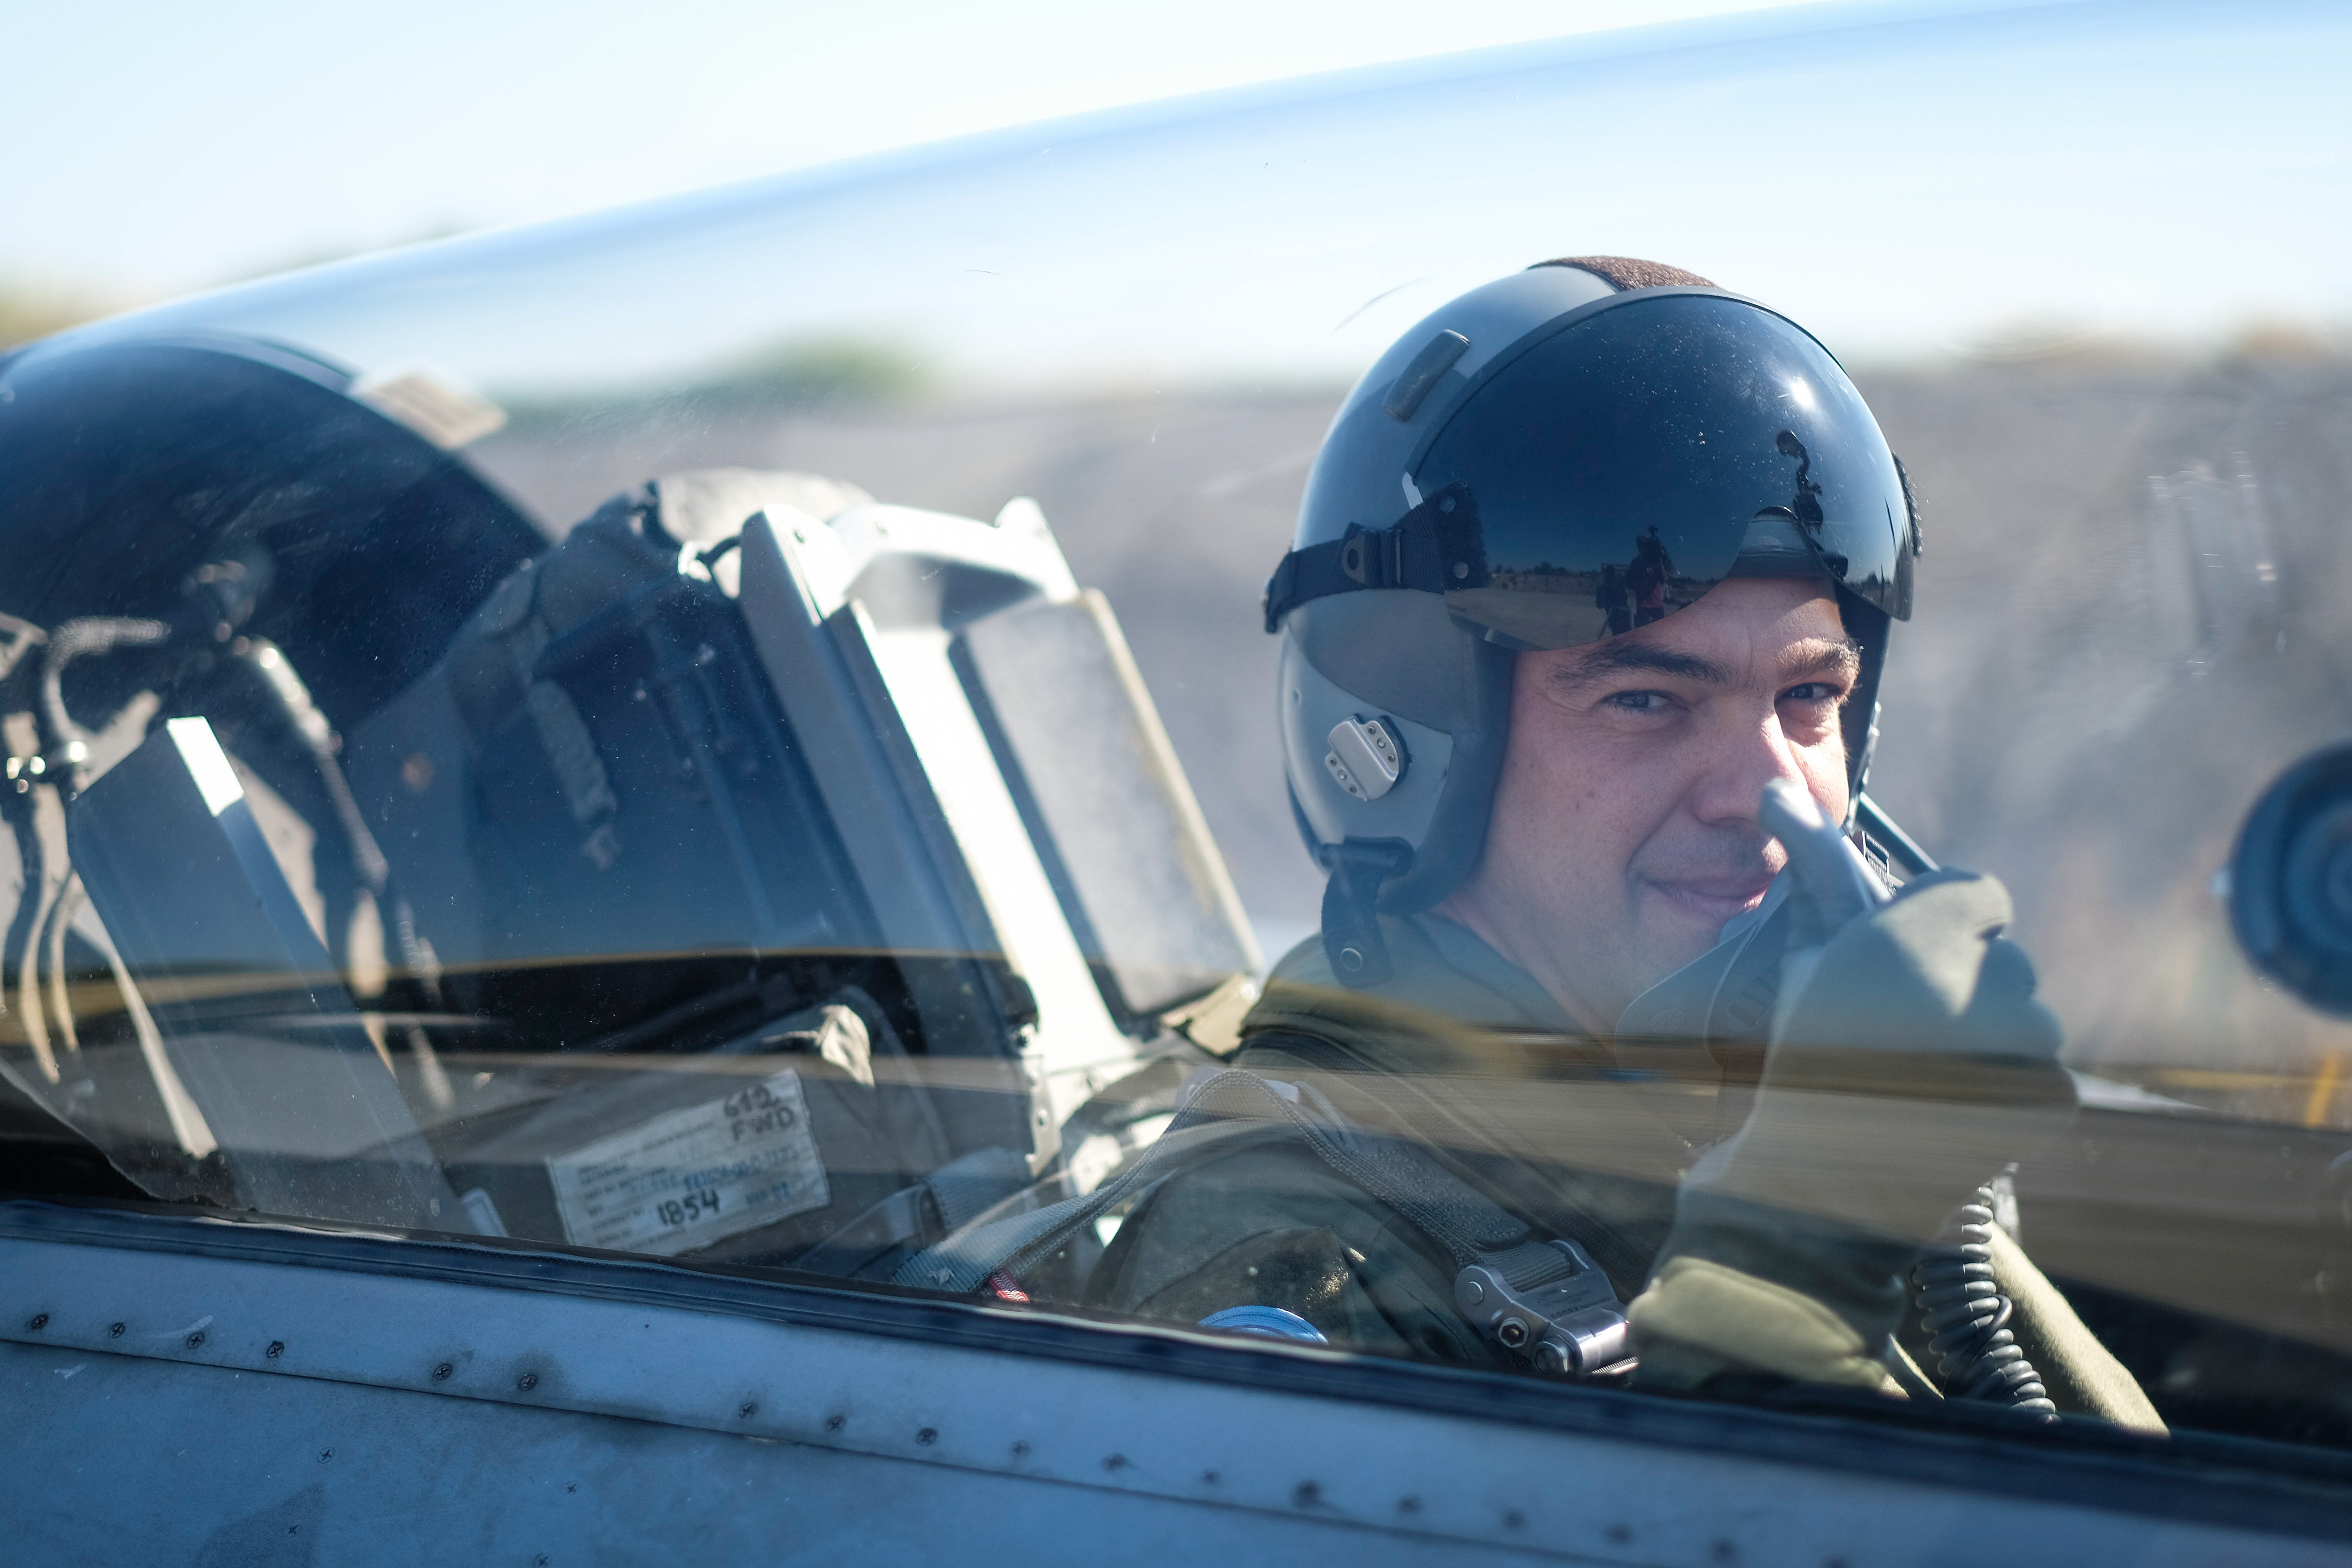 Ο συμβολισμός της πτήσης Τσίπρα με F-16 και το ταξίδι στις ΗΠΑ - Εικόνα 0